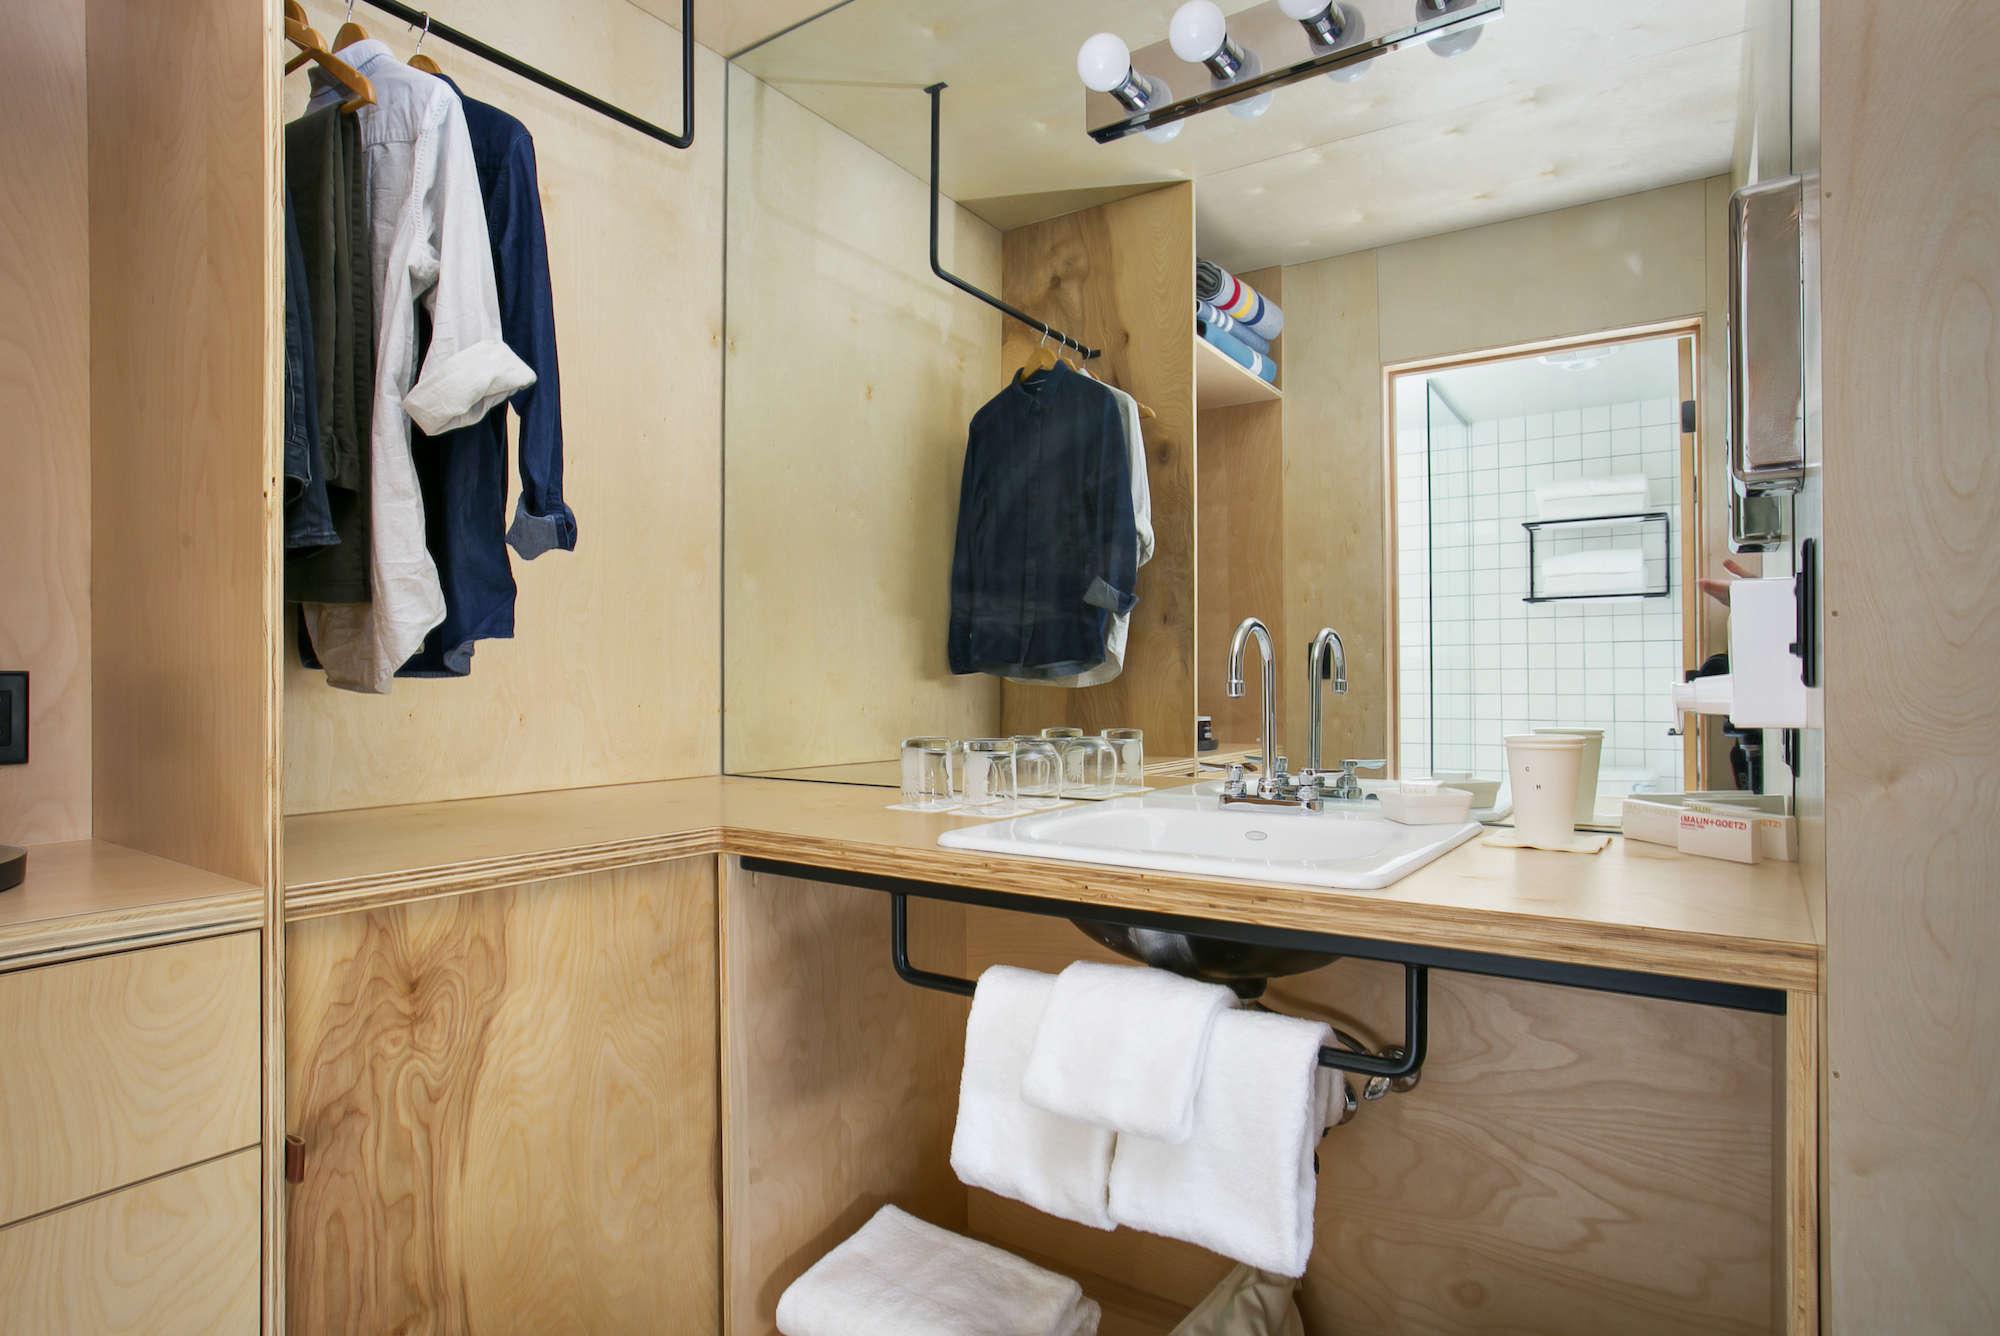 Coachman-hotel-tahoe-plywood-vanity-bathroom